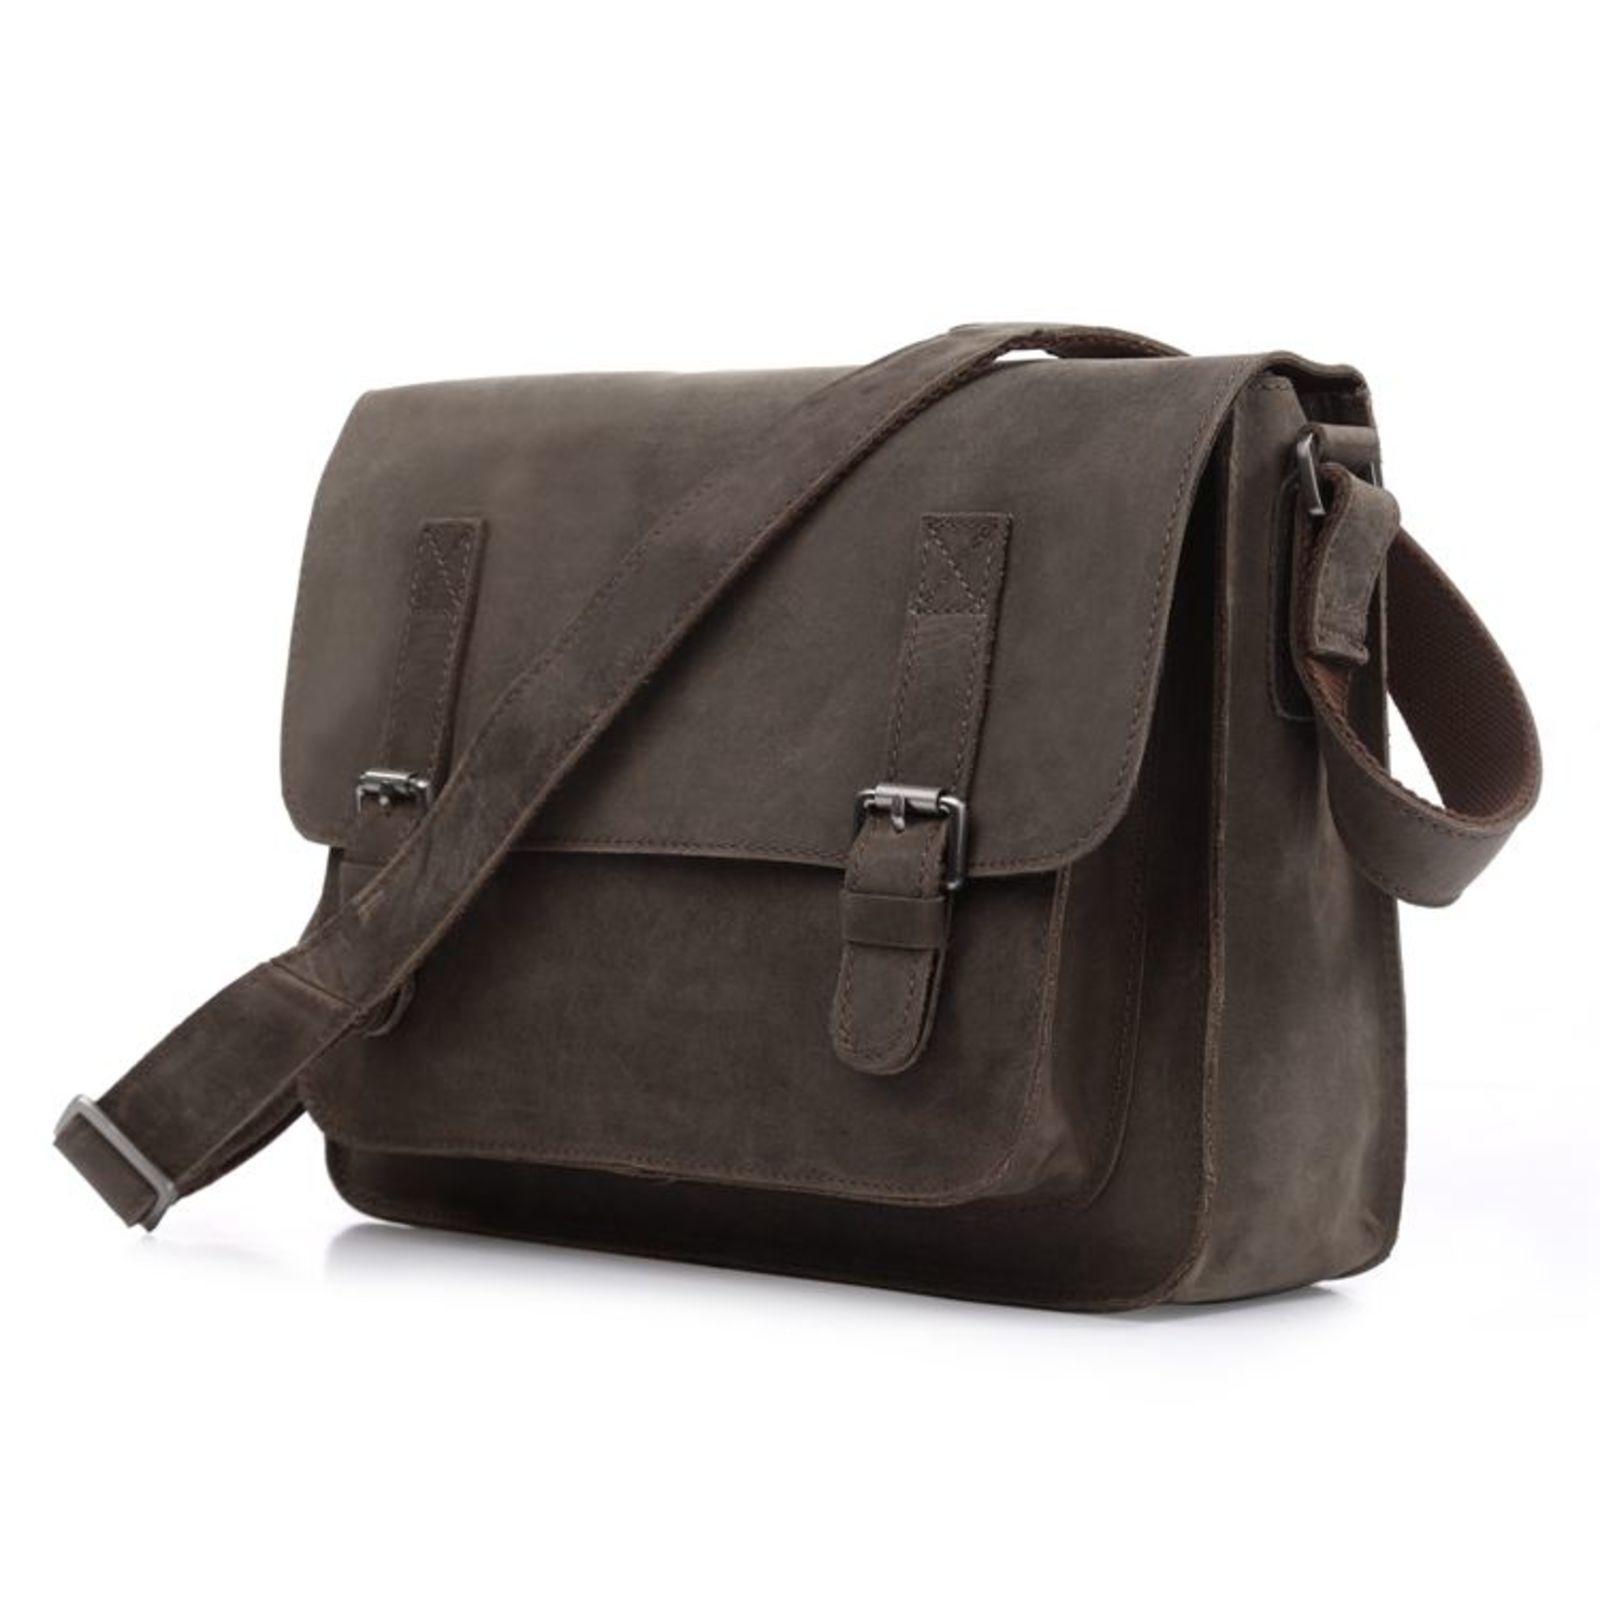 8faaa62cebf Zachte Bruine Lederen Tas | Gratis verzending | Delton Bags